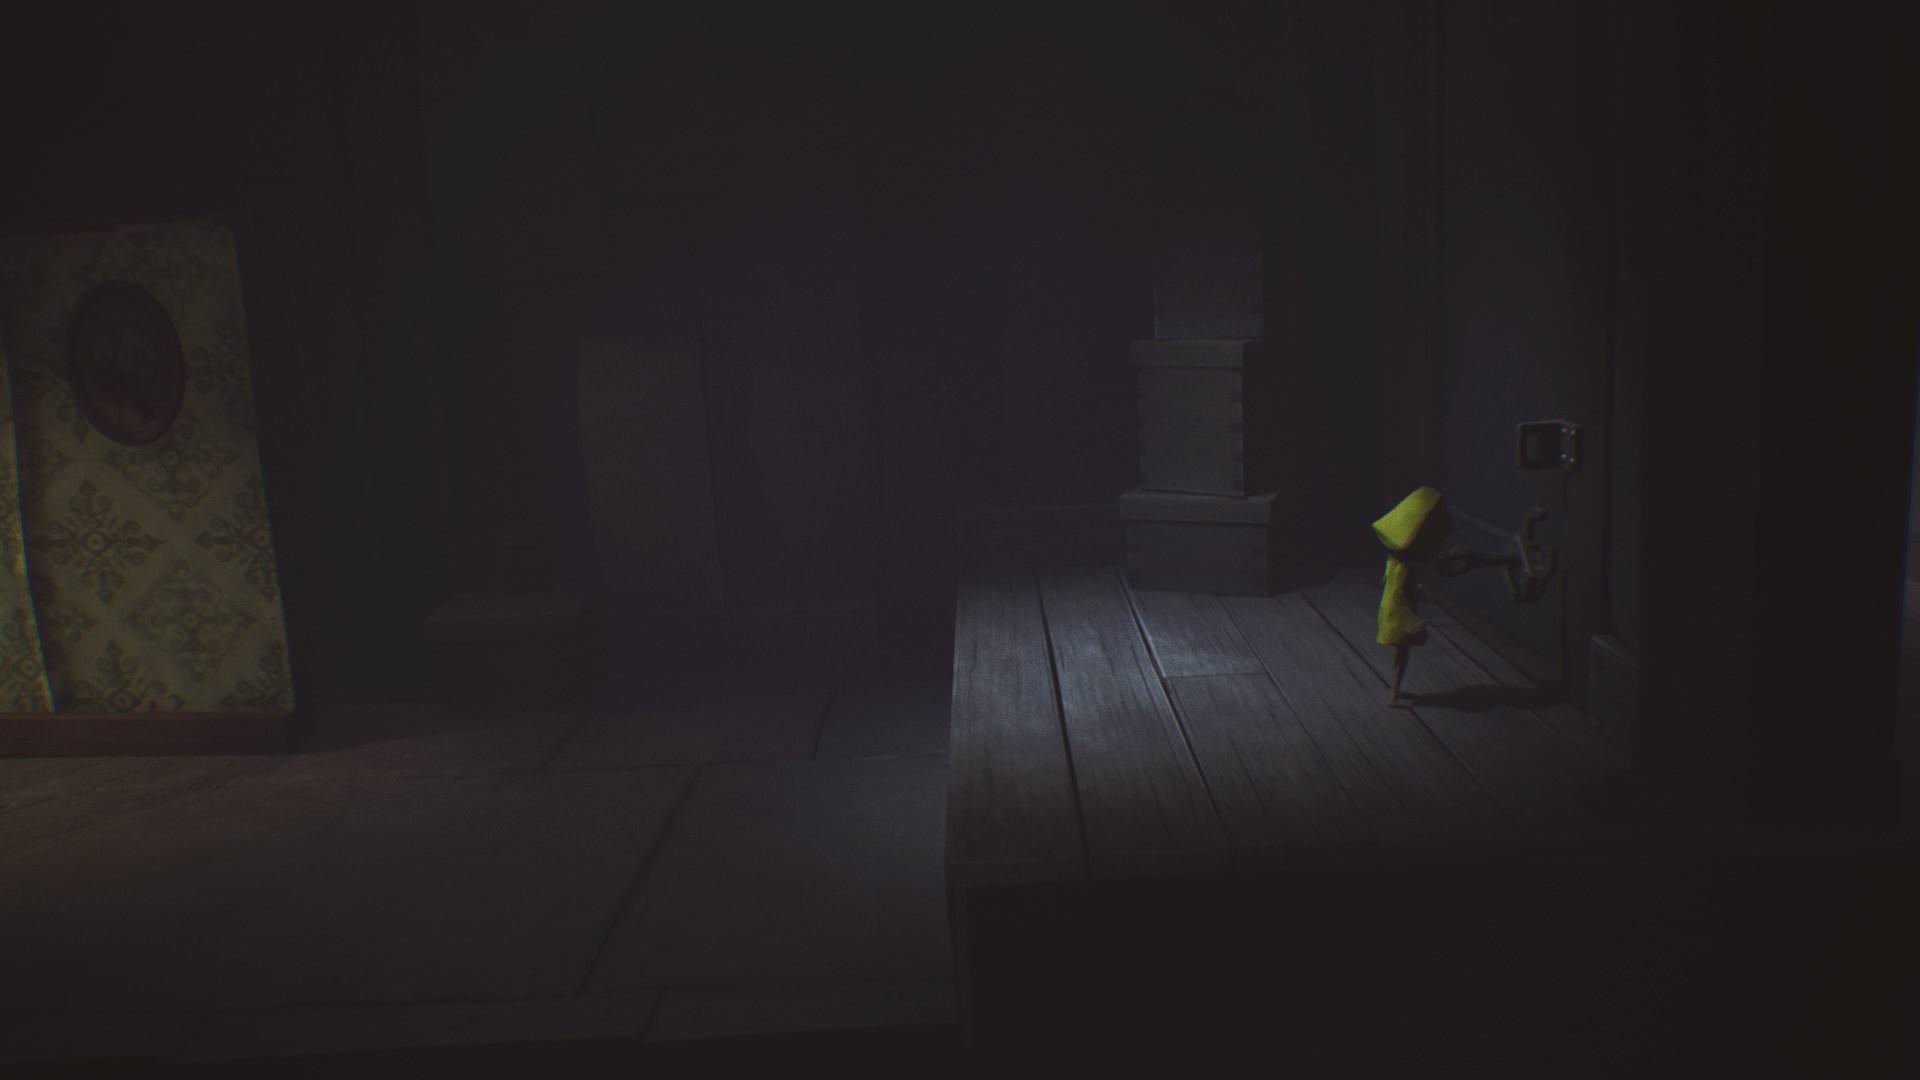 Otwórz drzwi z pomocą klucza. - Pokoje niewidomej istoty | The Lair - Little Nightmares - poradnik do gry